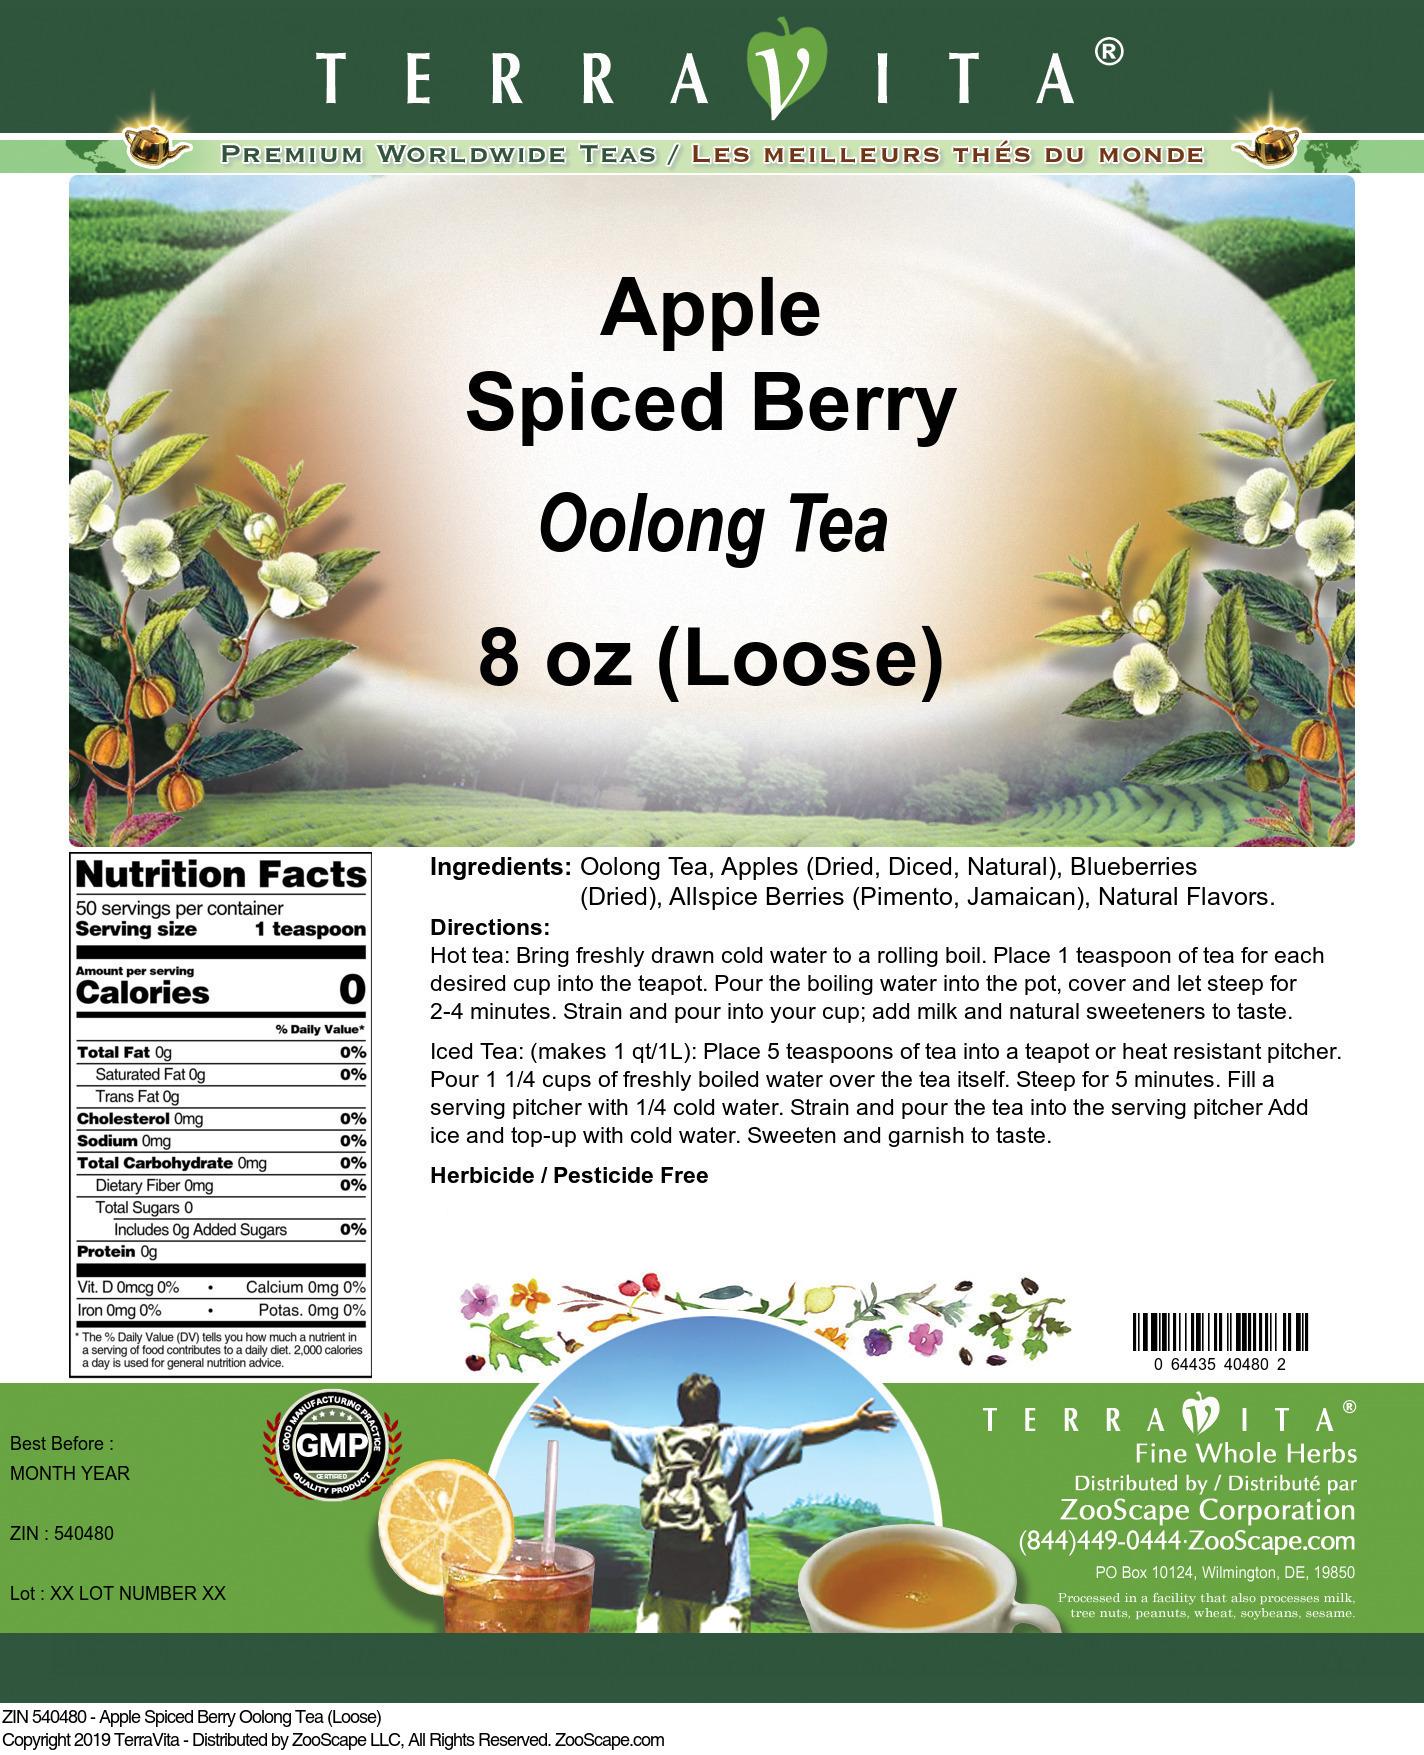 Apple Spiced Berry Oolong Tea